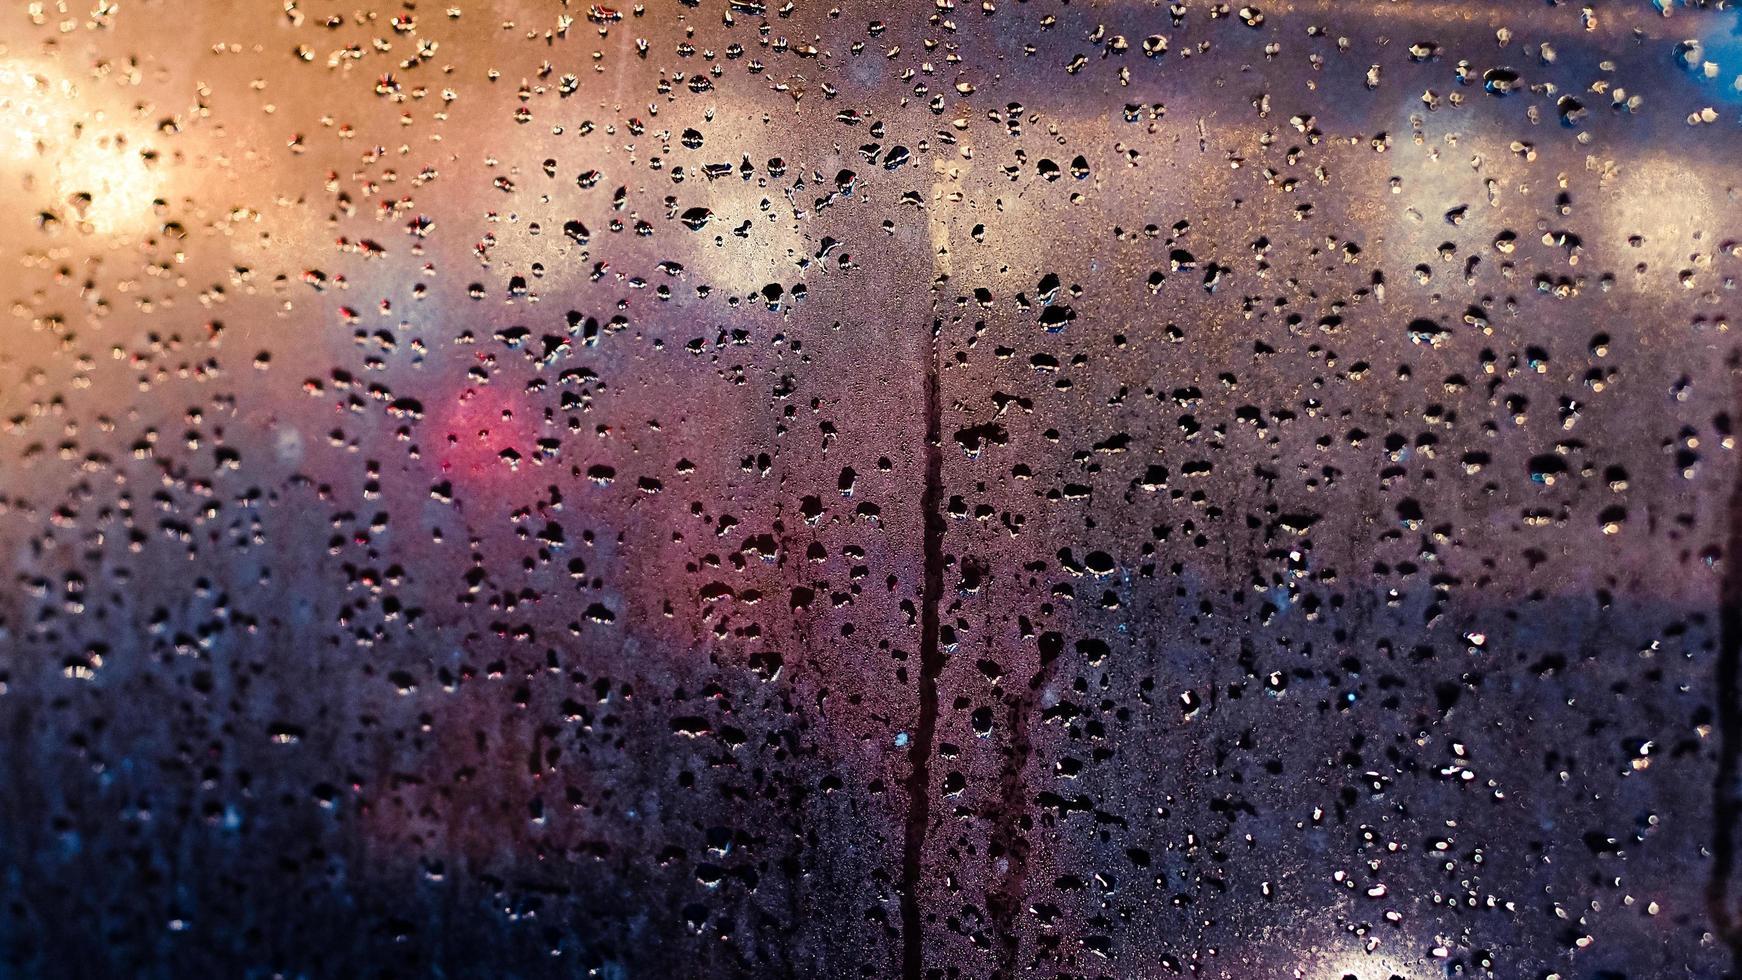 semafori astratti sotto la pioggia foto